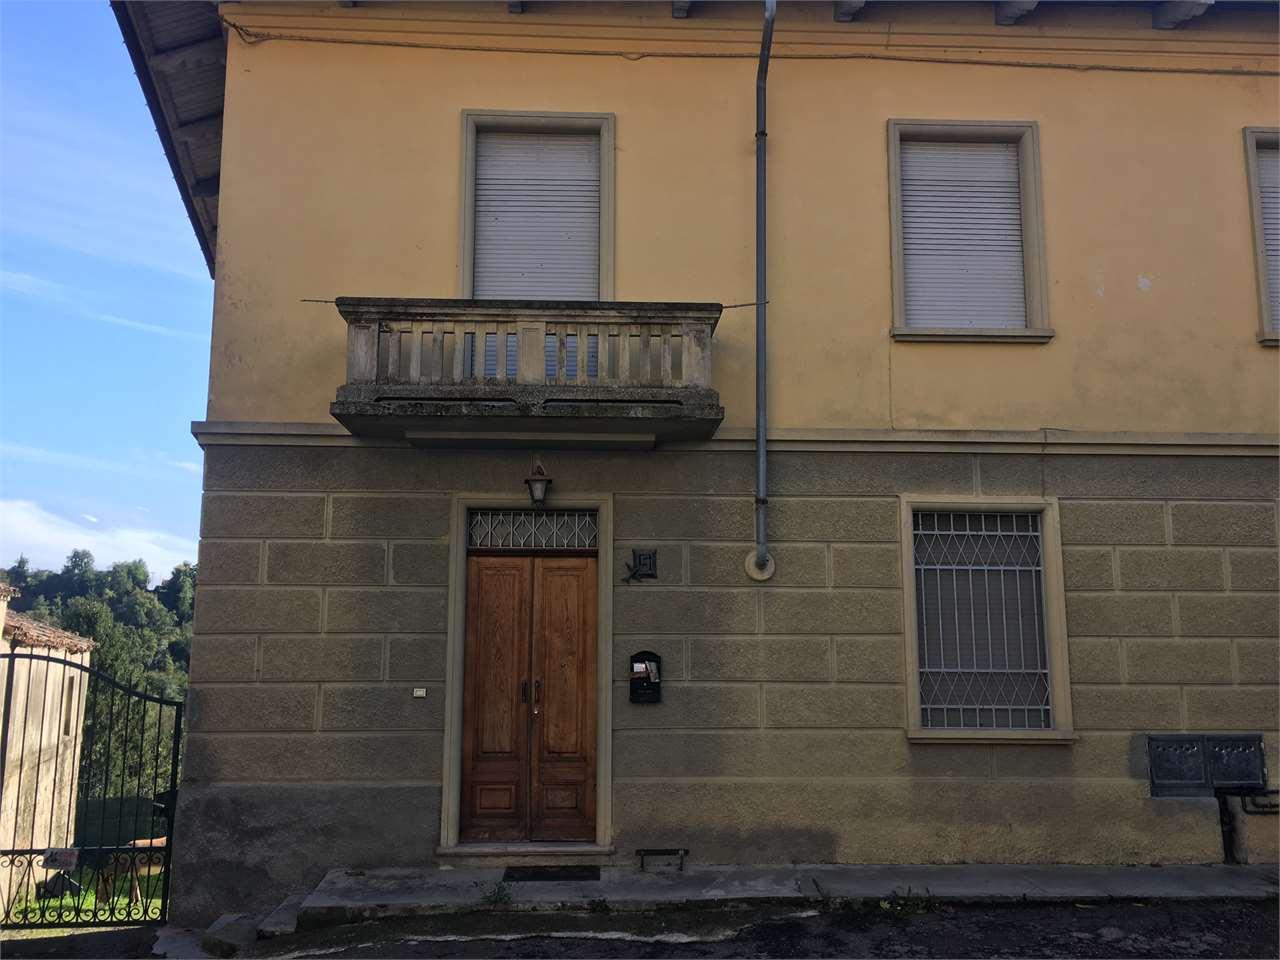 Appartamento in vendita a Montafia, 3 locali, prezzo € 50.000 | PortaleAgenzieImmobiliari.it